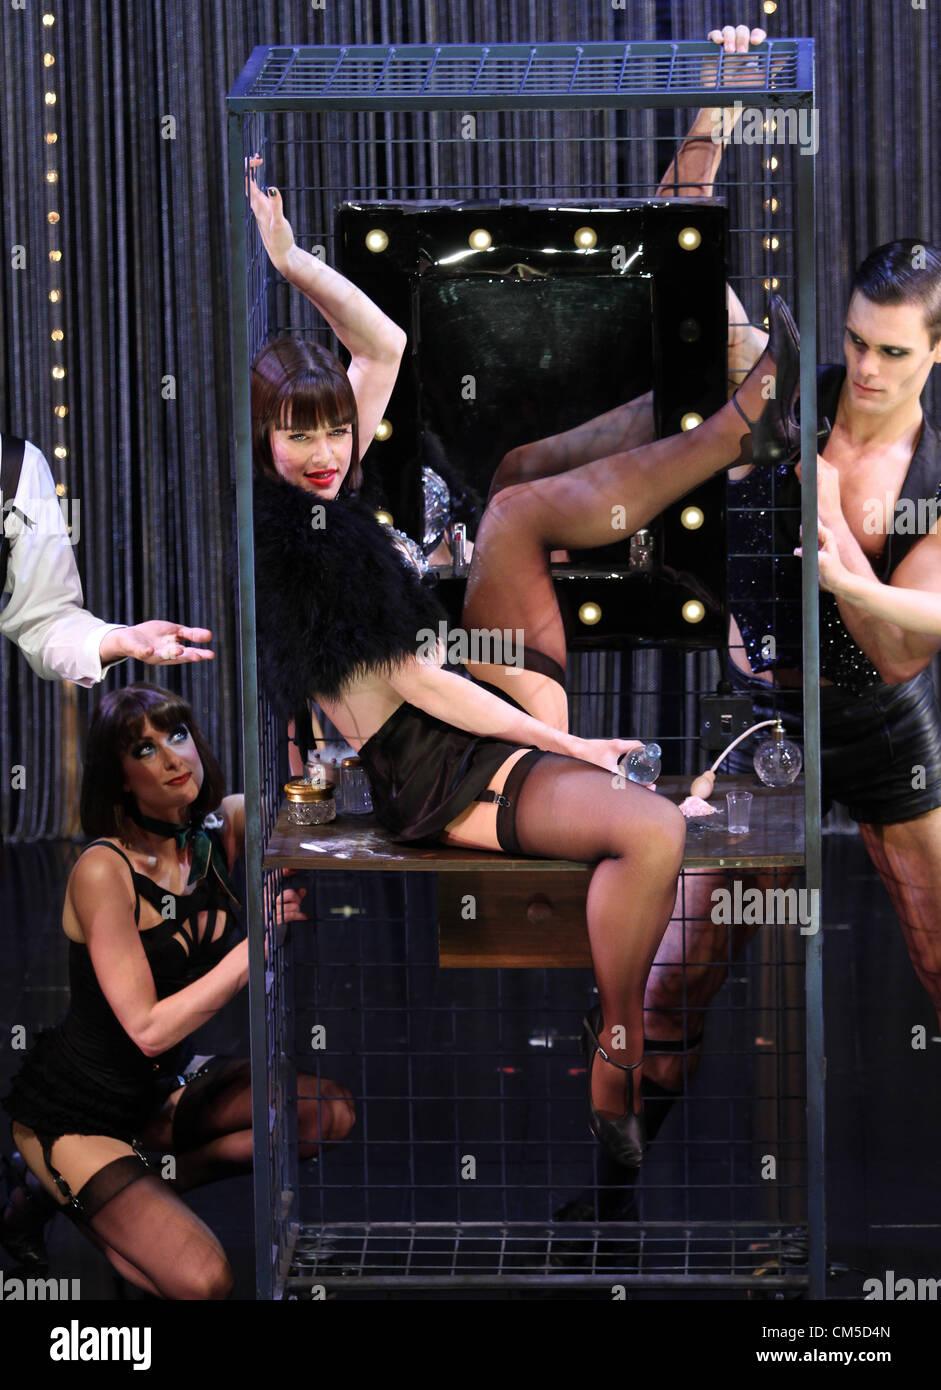 MICHELLE RYAN cabaret. PHOTOCALL Londra Inghilterra REGNO UNITO 08 Ottobre 2012 Immagini Stock